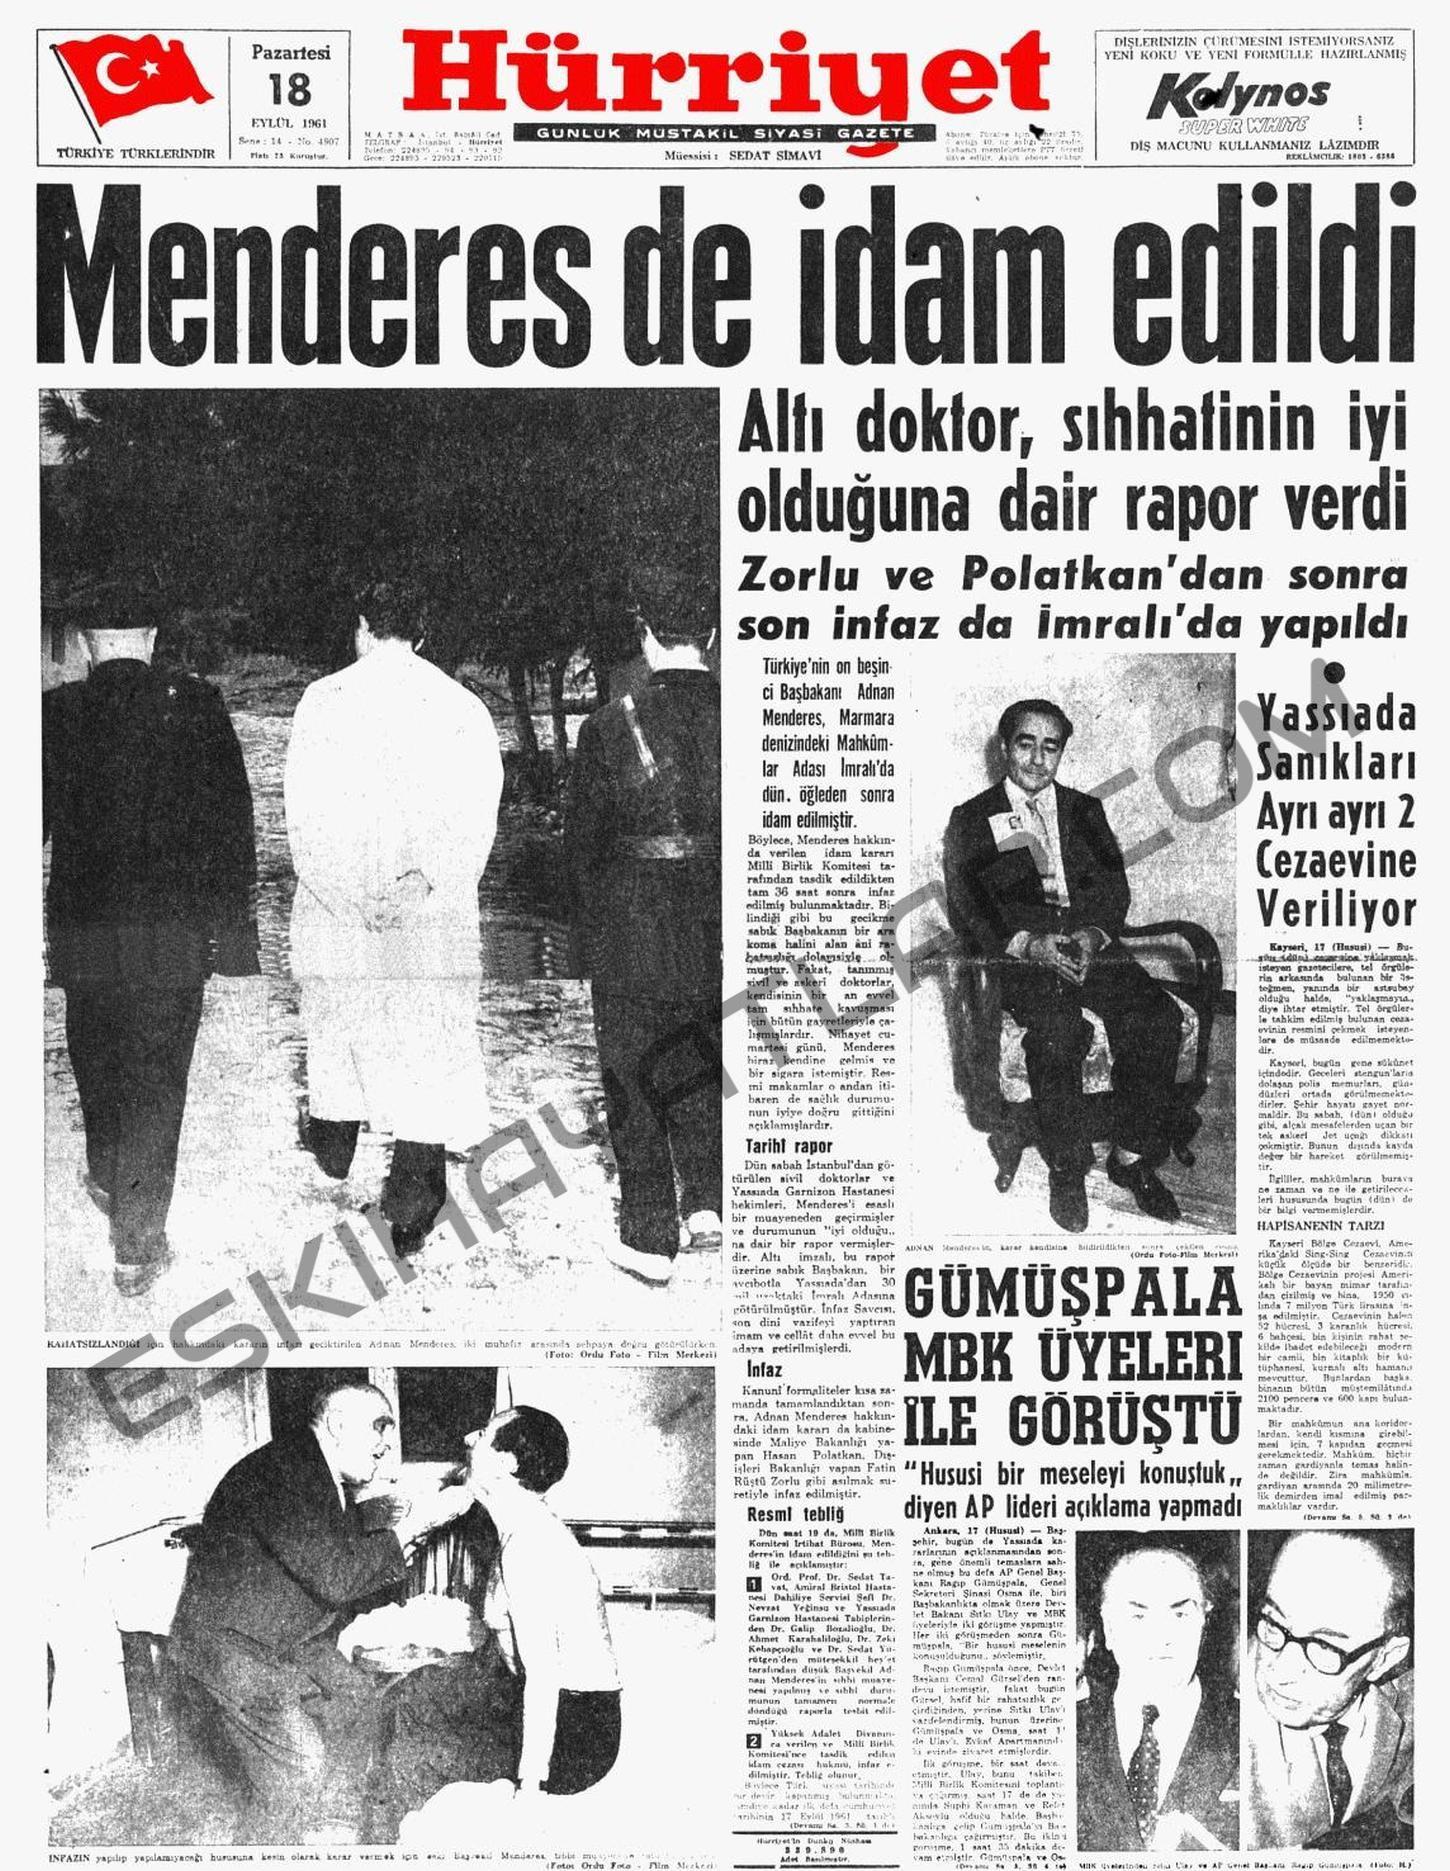 adnan-menderes-idam-edildi-hurriyet-gazetesi-1960-haberi (1)